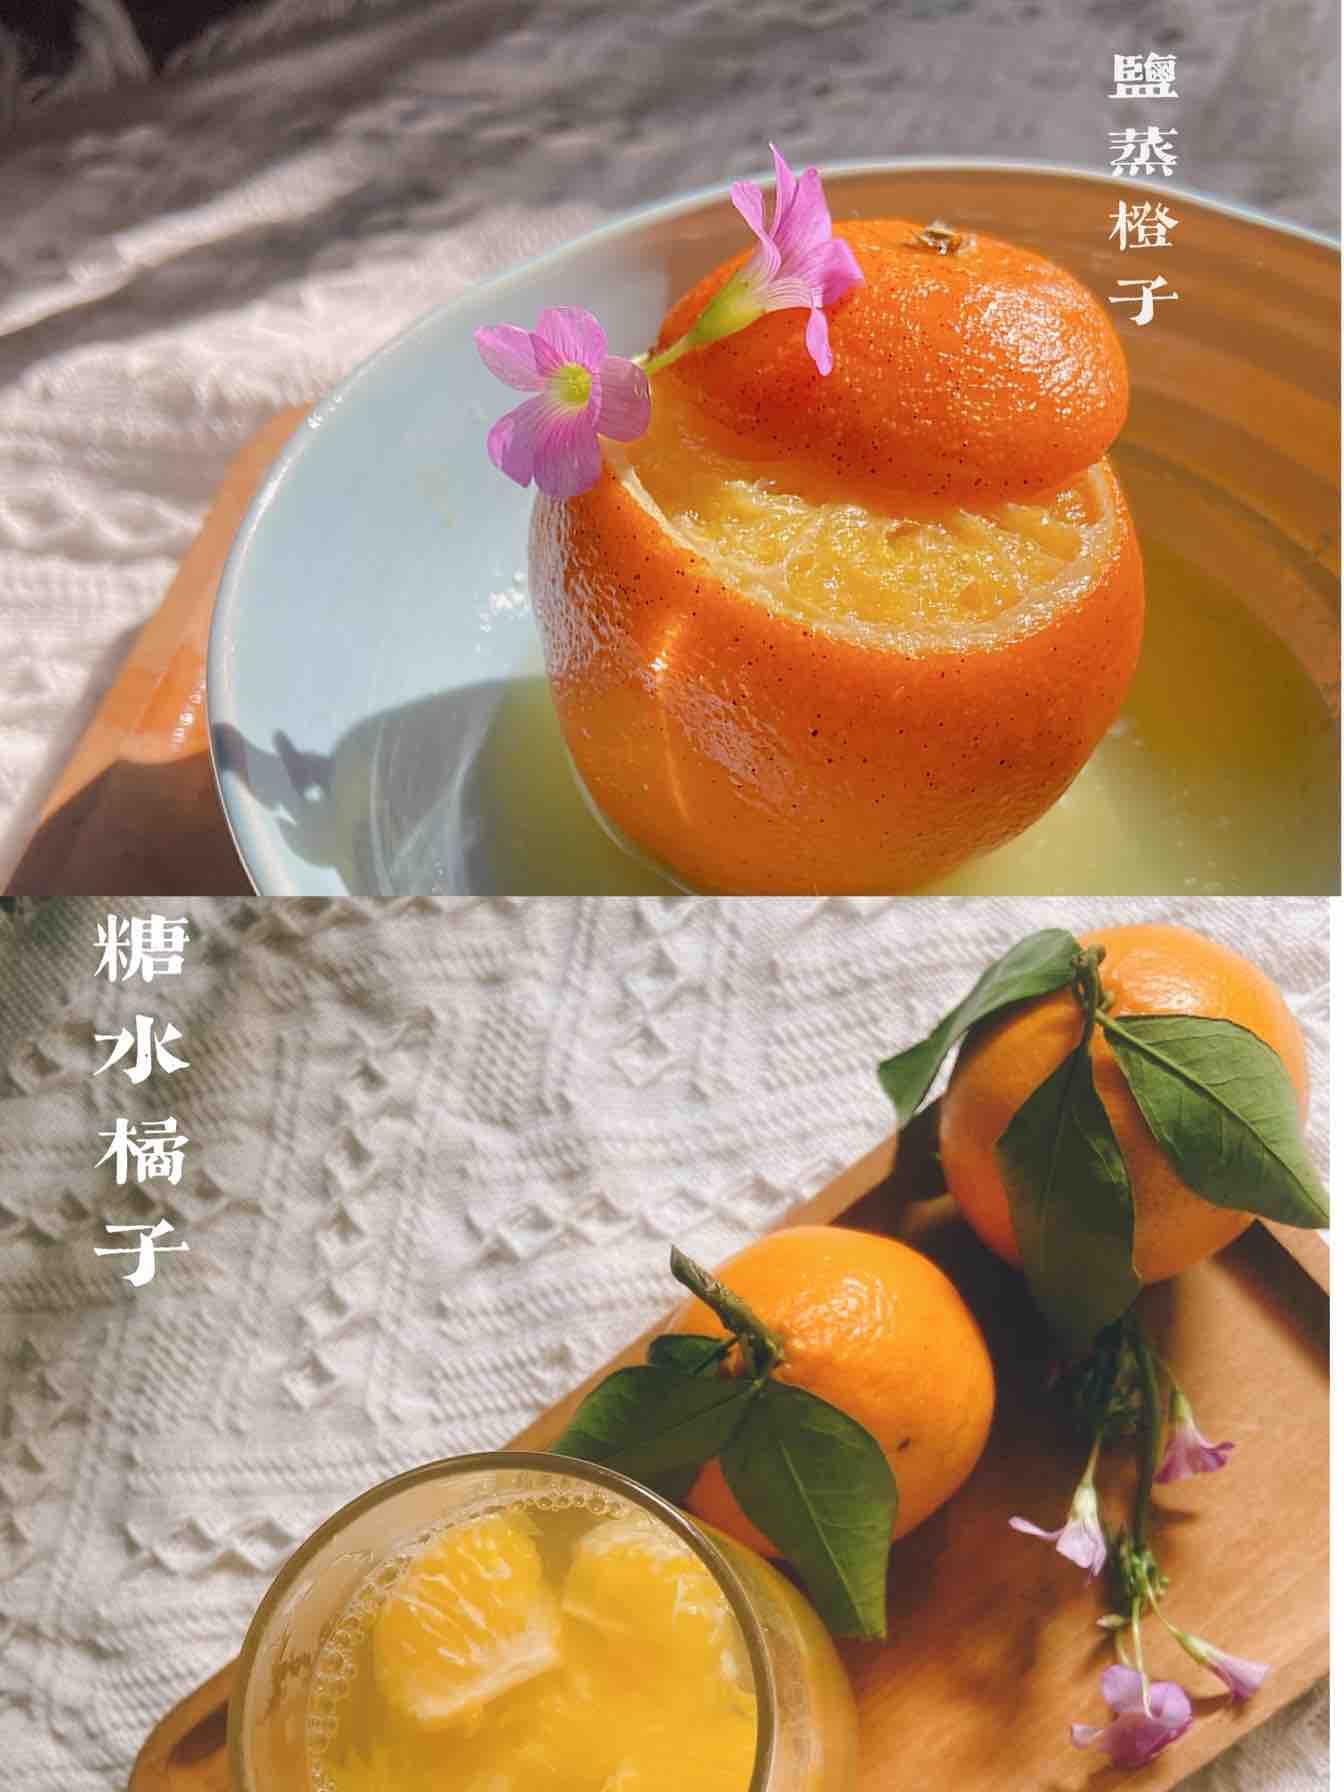 天冷,水果要热着吃——盐蒸橙子&糖水橘子的做法